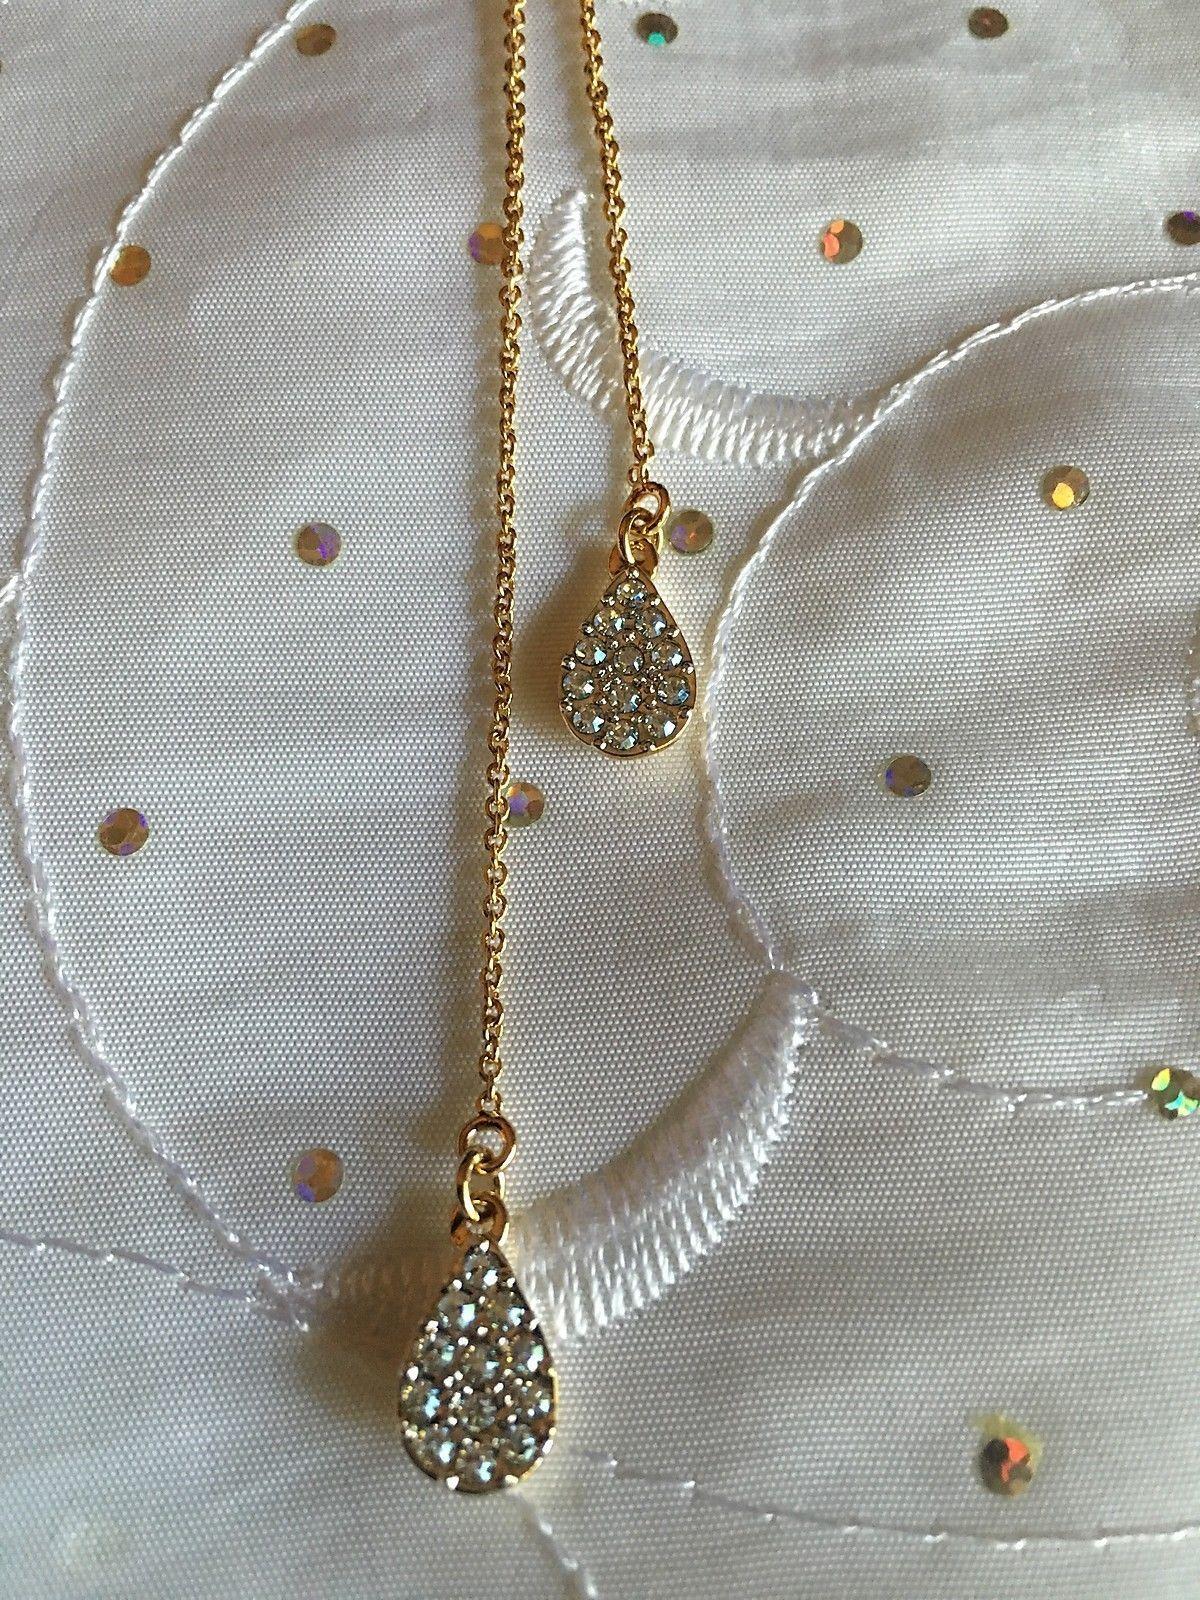 Touchstone Swarovski Pavé Teardrop Pendant Necklace Gold plated Sterling Silver